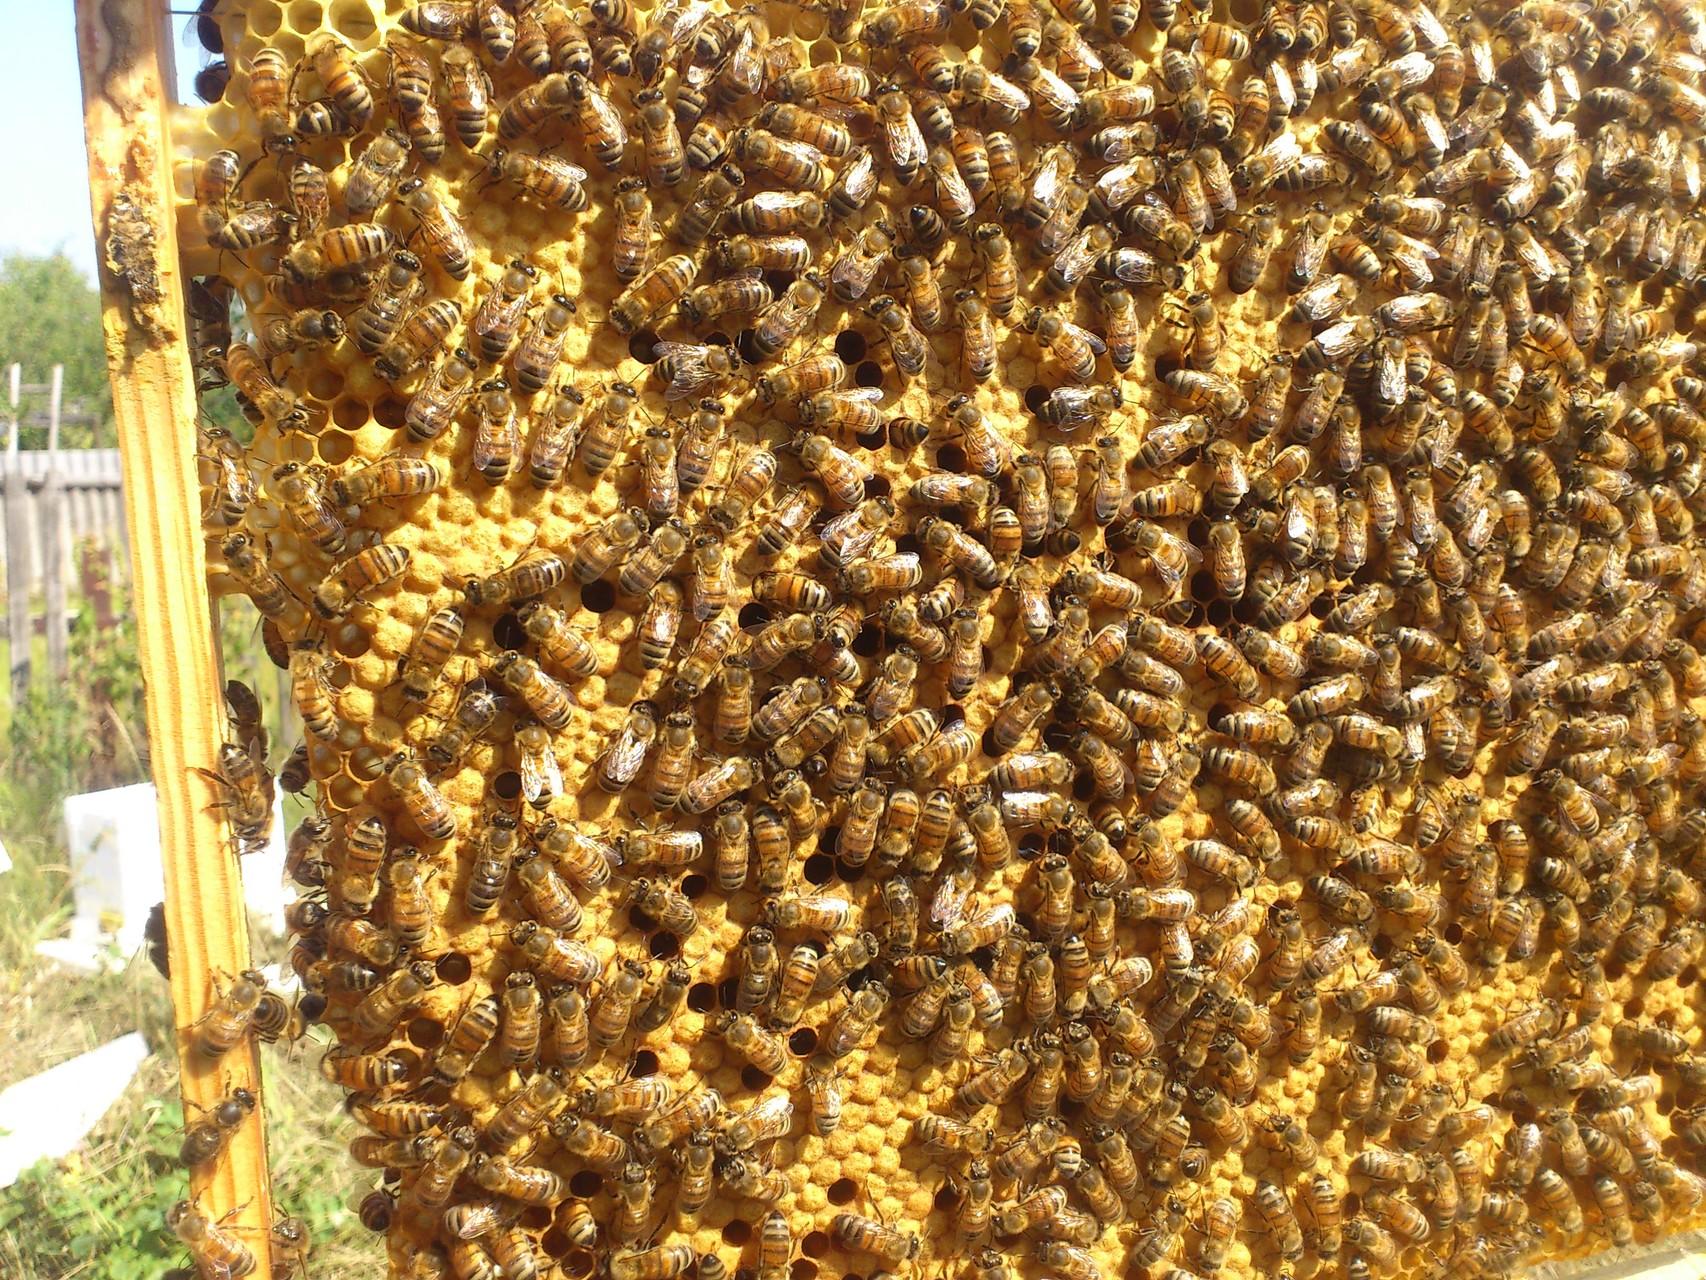 подробная инструкция по уходу за пчелами